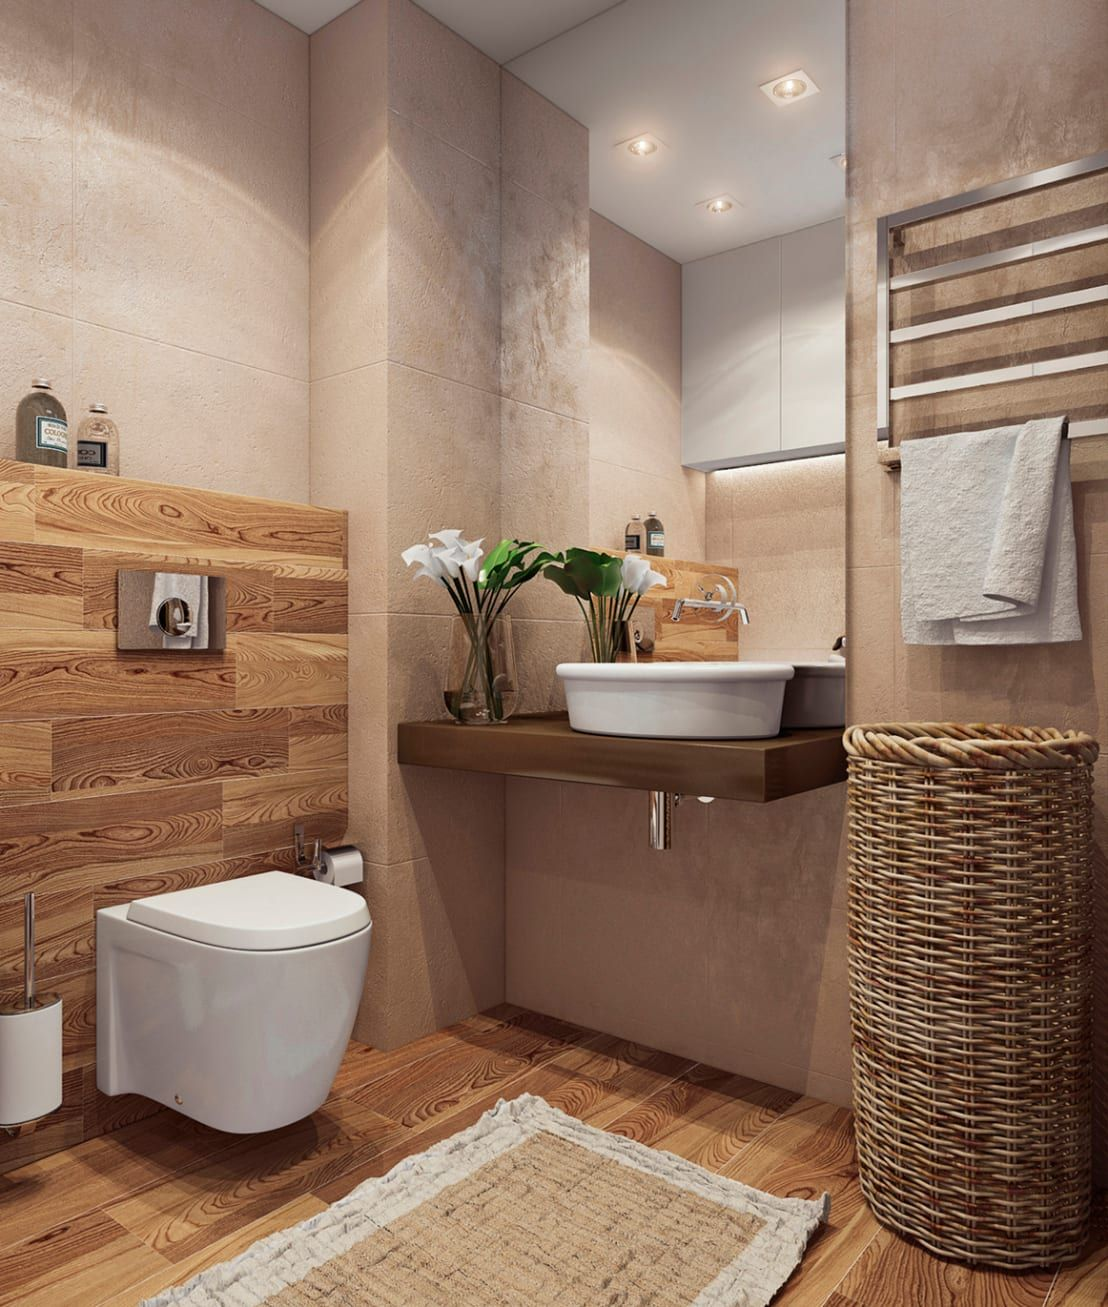 9 kleine Badezimmer, die du sehen solltest, bevor du deins renovierst #bathroomdecoration